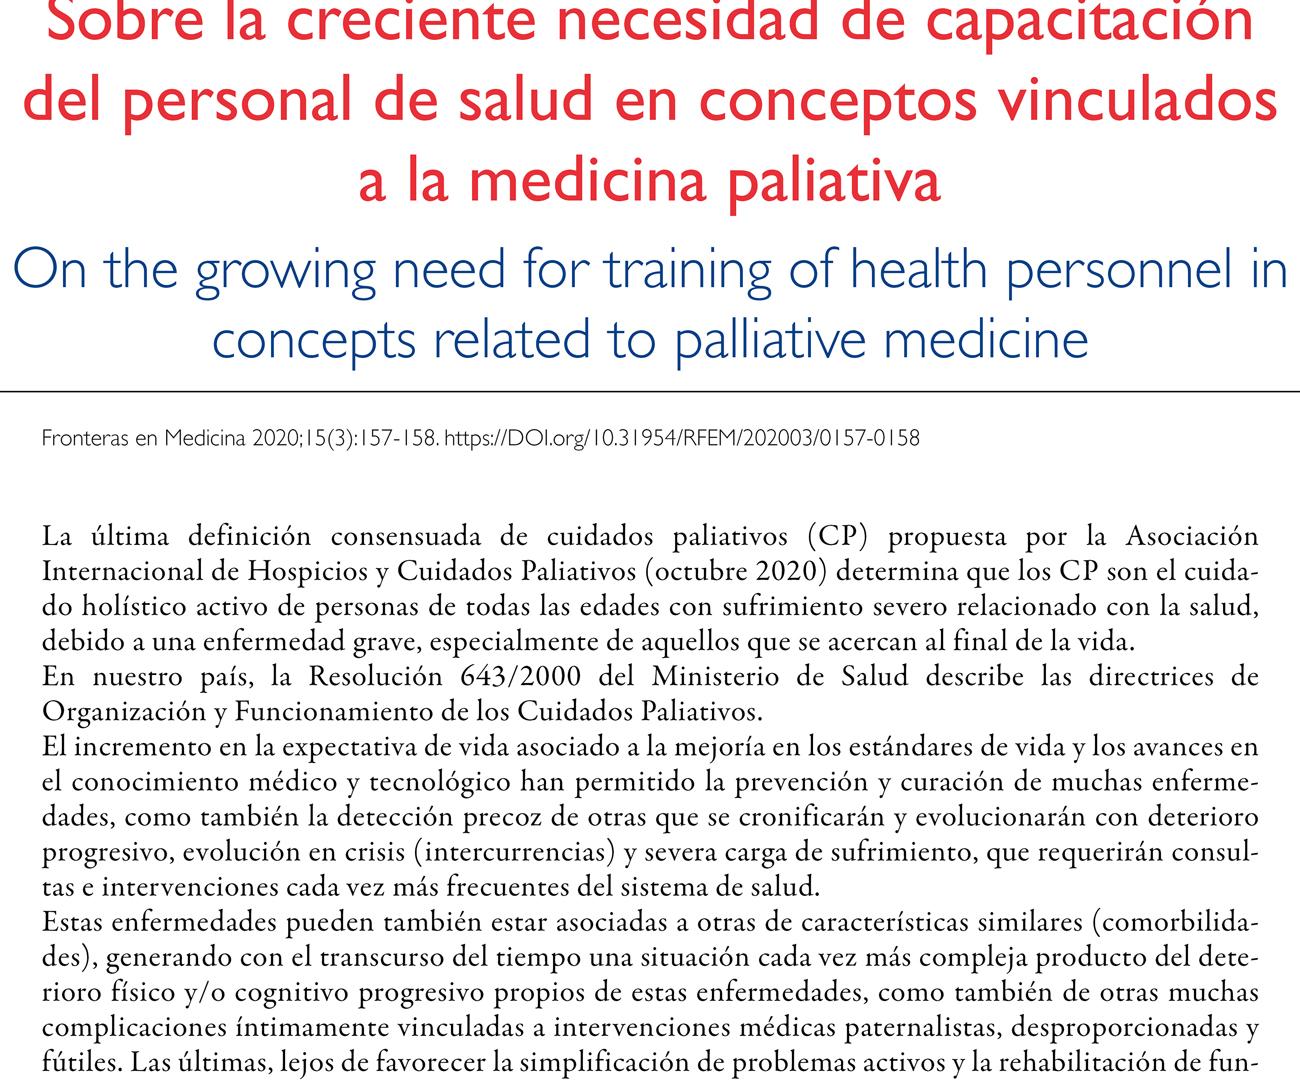 Sobre la creciente necesidad de capacitación del personal de salud en conceptos vinculados a la medicina paliativa